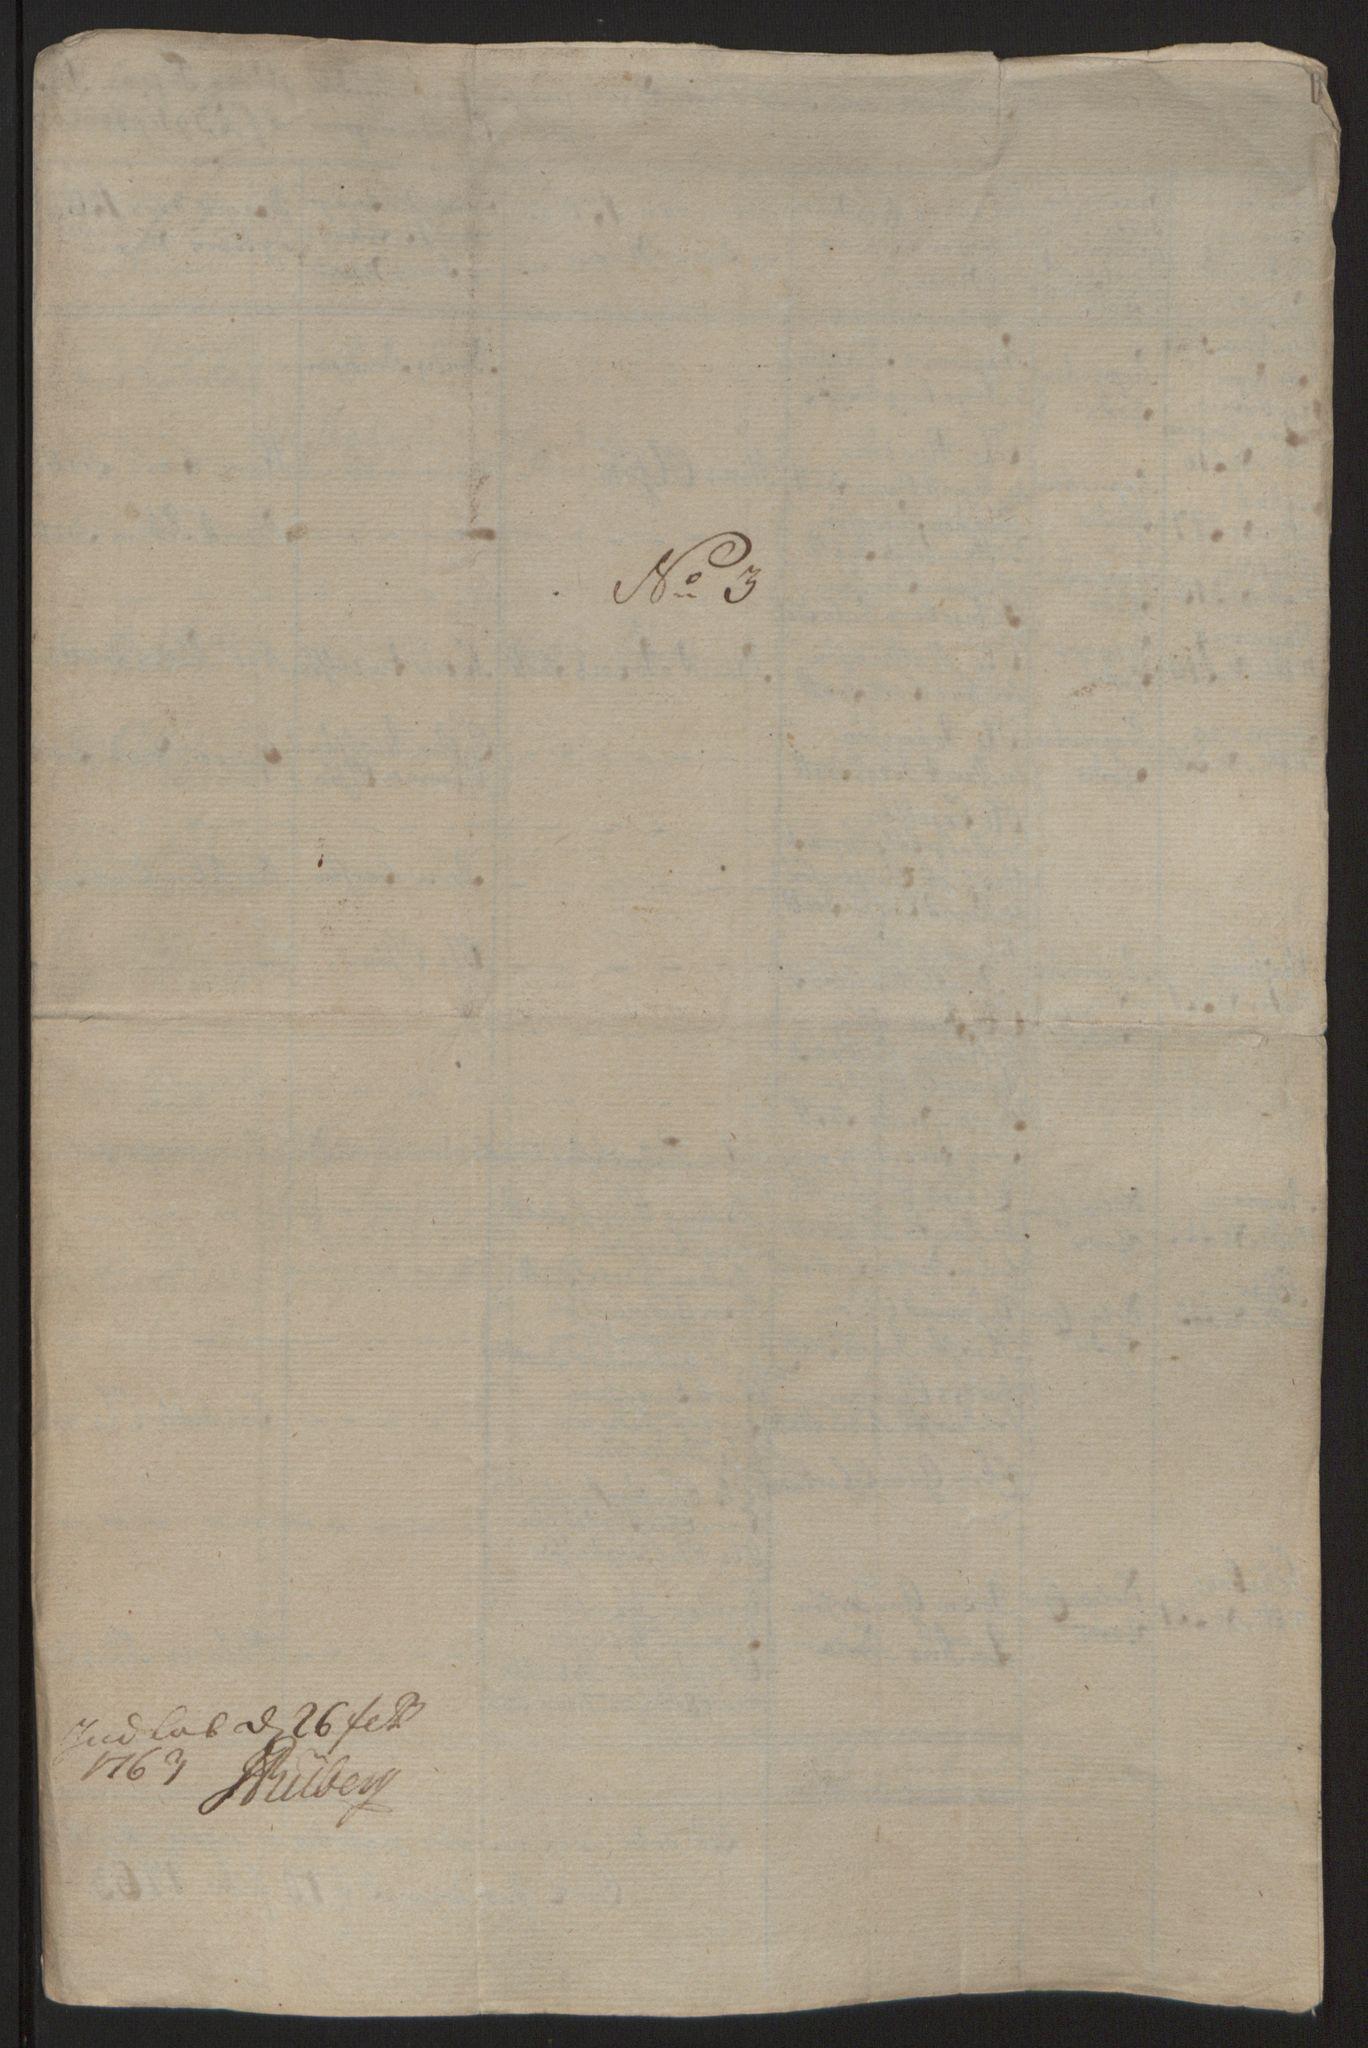 RA, Rentekammeret inntil 1814, Reviderte regnskaper, Fogderegnskap, R57/L3930: Ekstraskatten Fosen, 1762-1763, s. 365